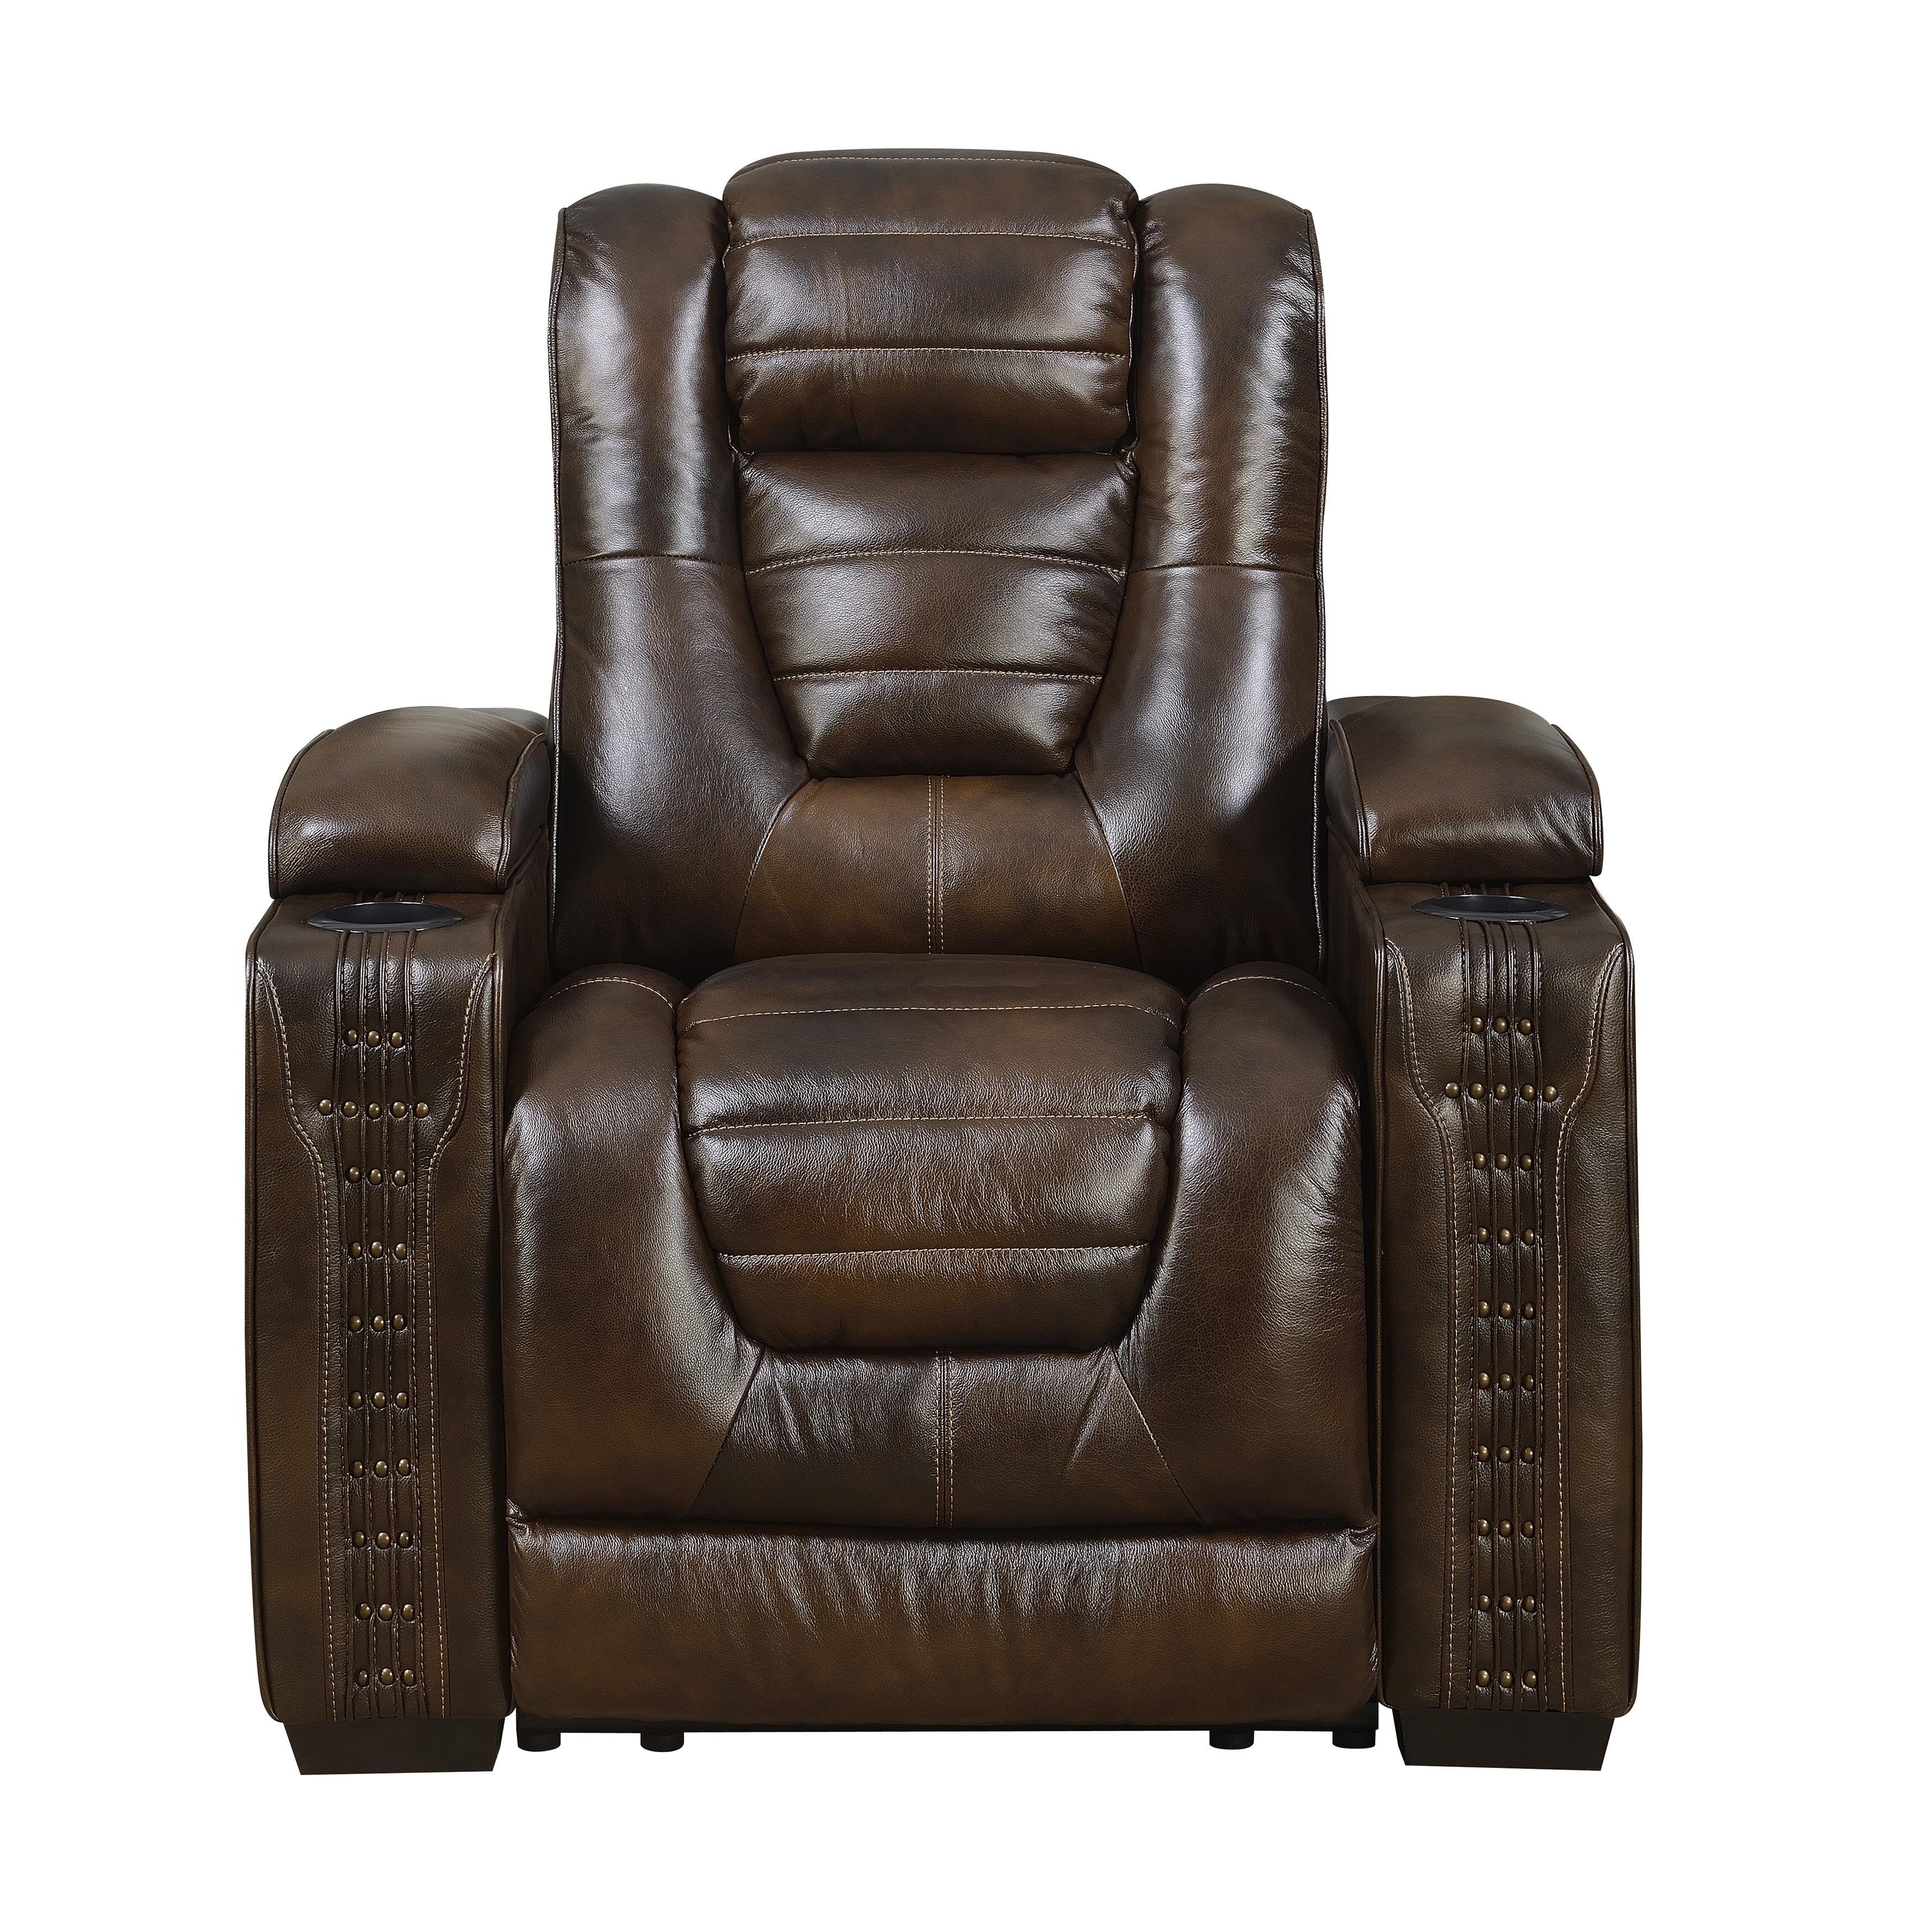 Red barrel studio barnhart leather power recliner wayfair